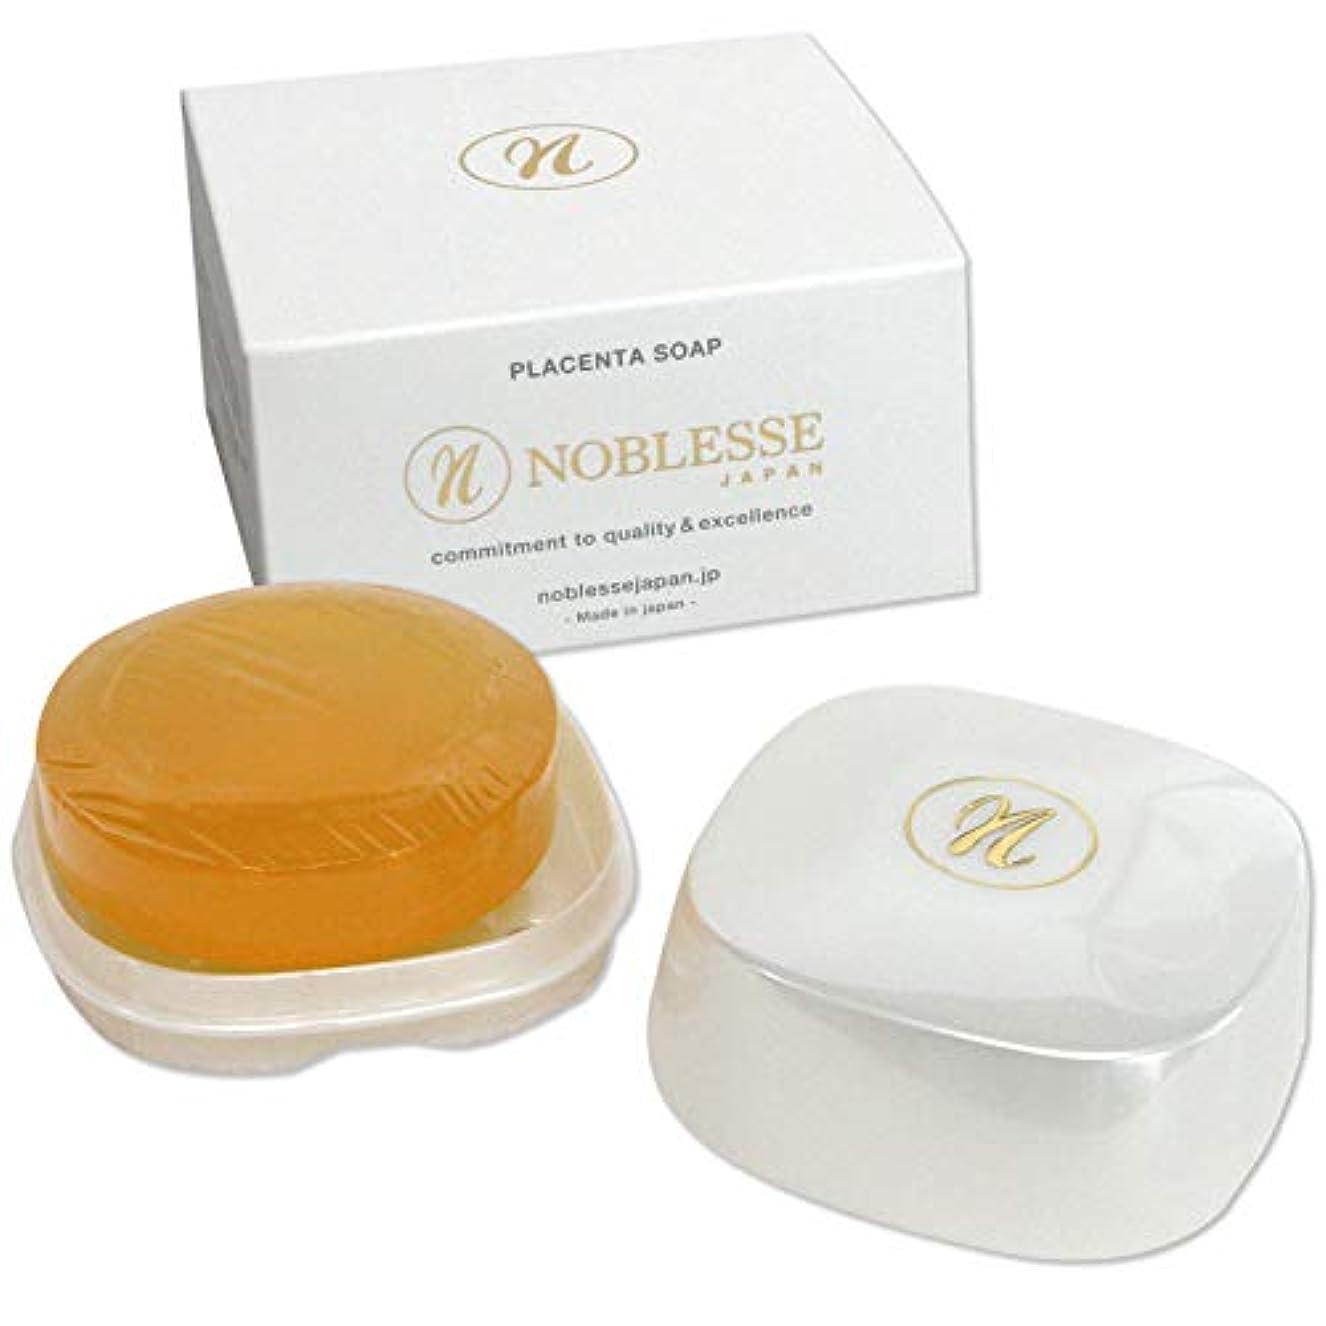 ノーブレス ジャパンプラセンタ 洗顔ソープ 90g バージンプラセンタ洗顔 石けん